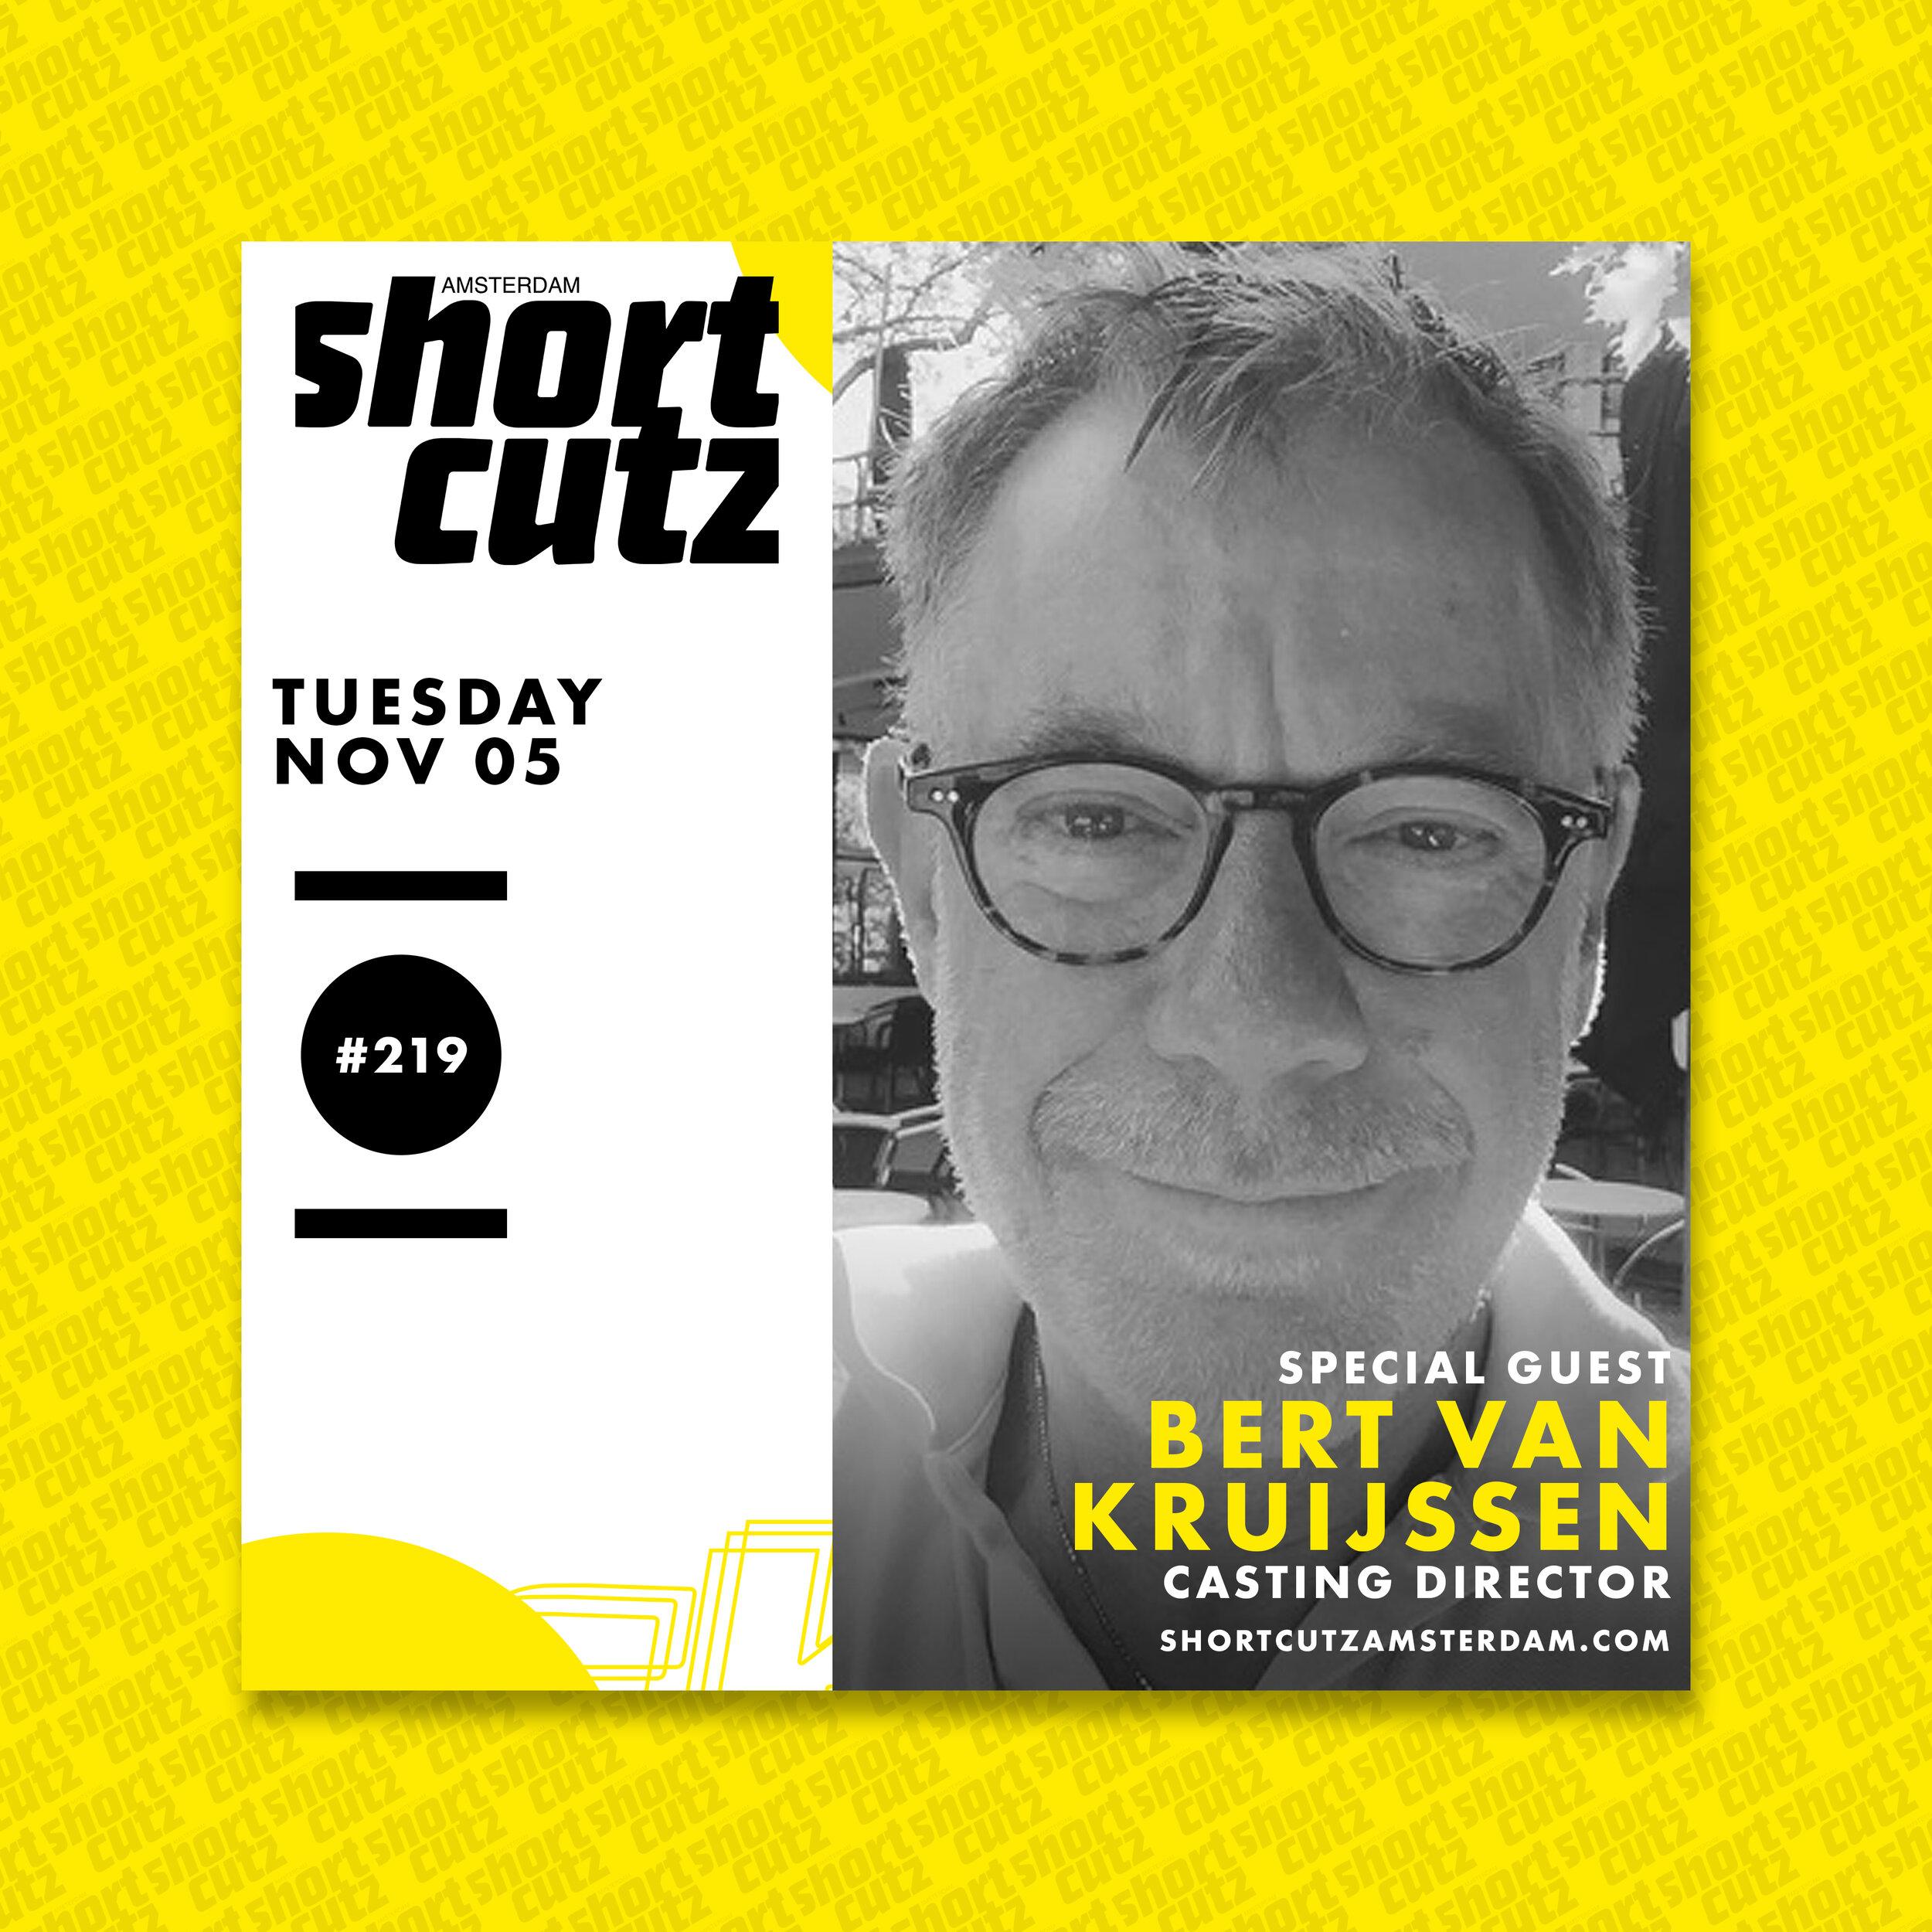 #219 Poster Bert Van Kruijssen.jpg